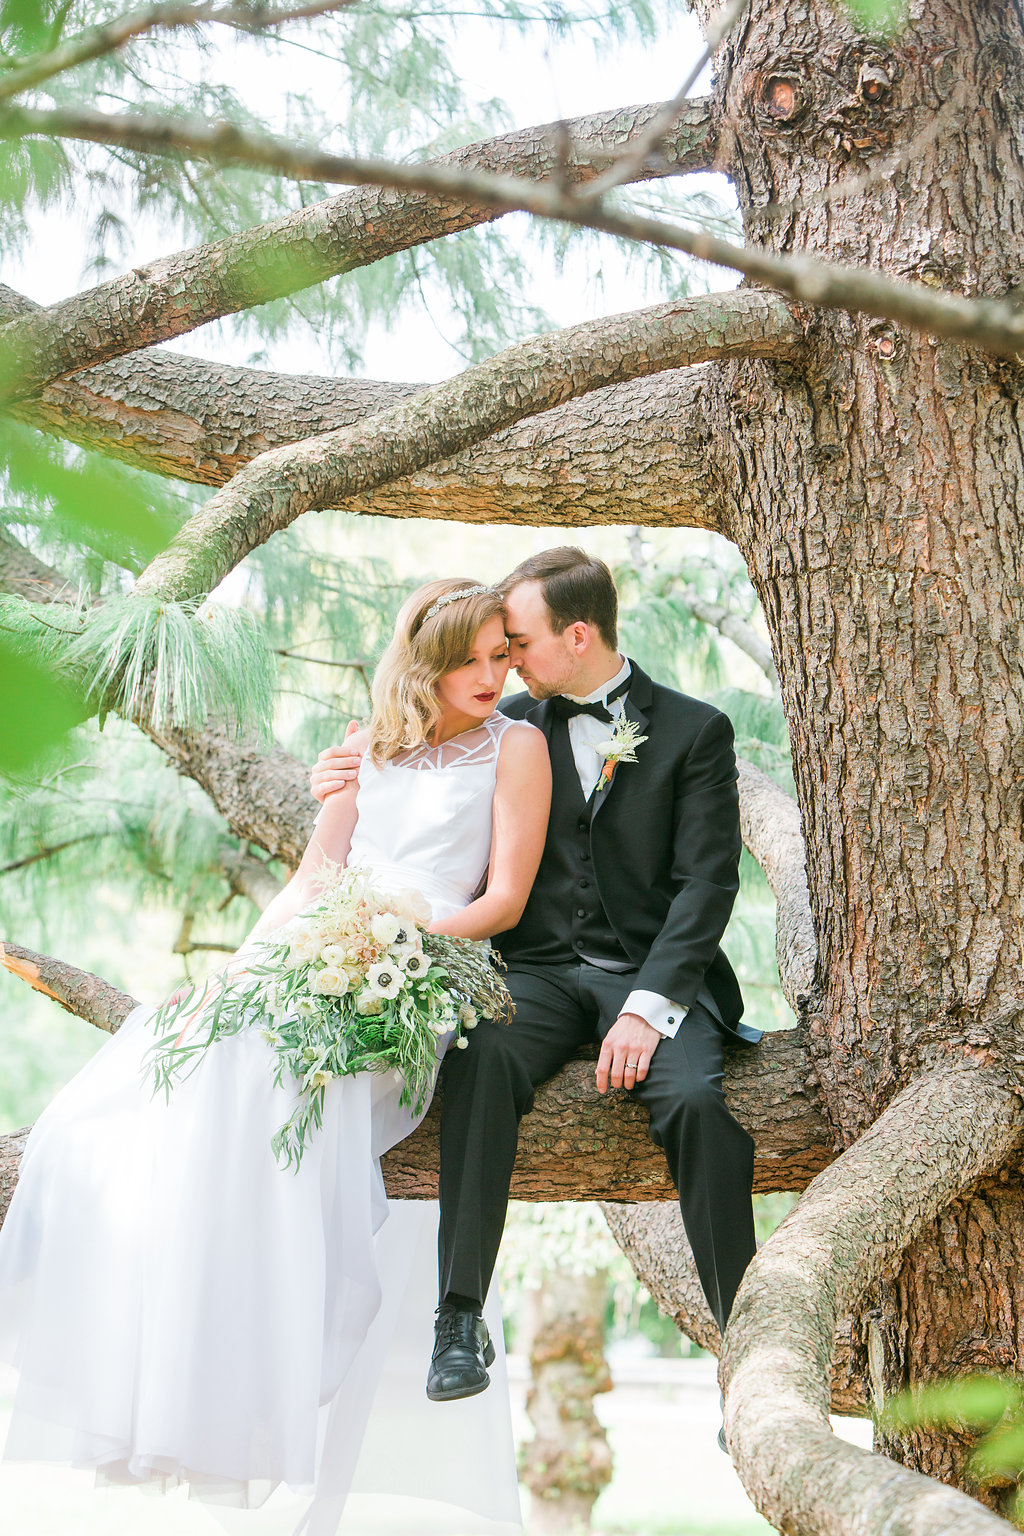 Philadelphia-Wedding-Photographer_Jessica-Cooper-Photography-114